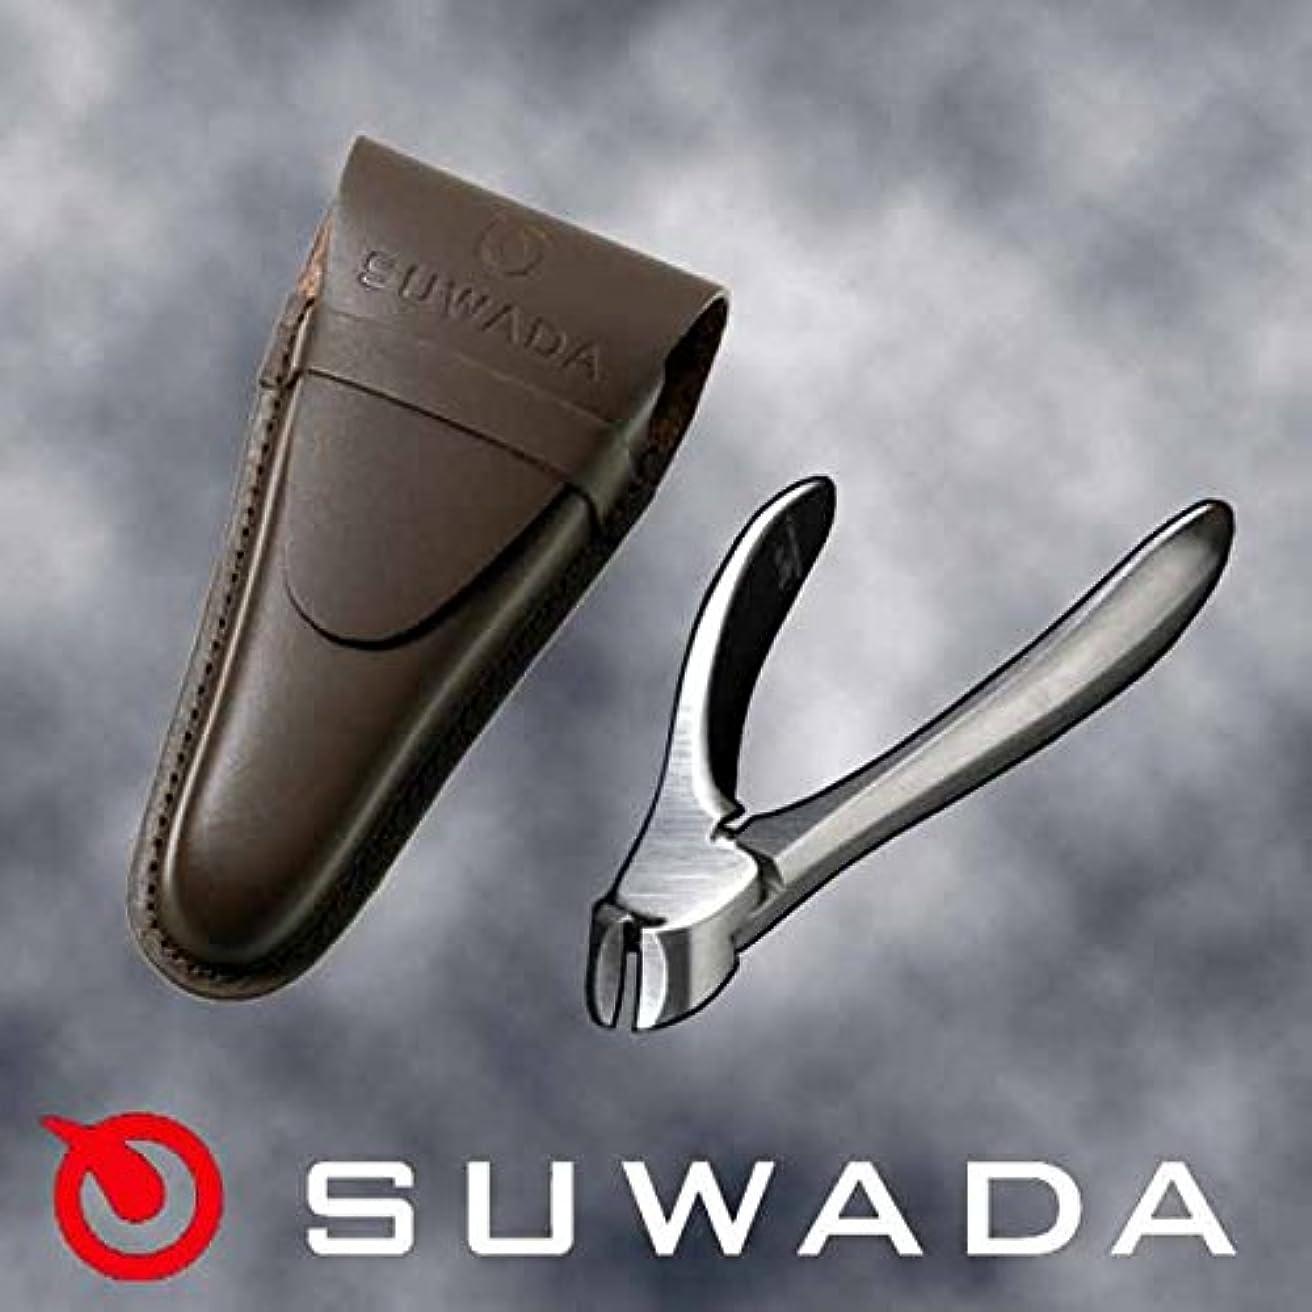 おそらく好きやりがいのあるSUWADA爪切りクラシックベビー&ブラウン(茶)革ケースセット 特注モデル 諏訪田製作所製 スワダの爪切り